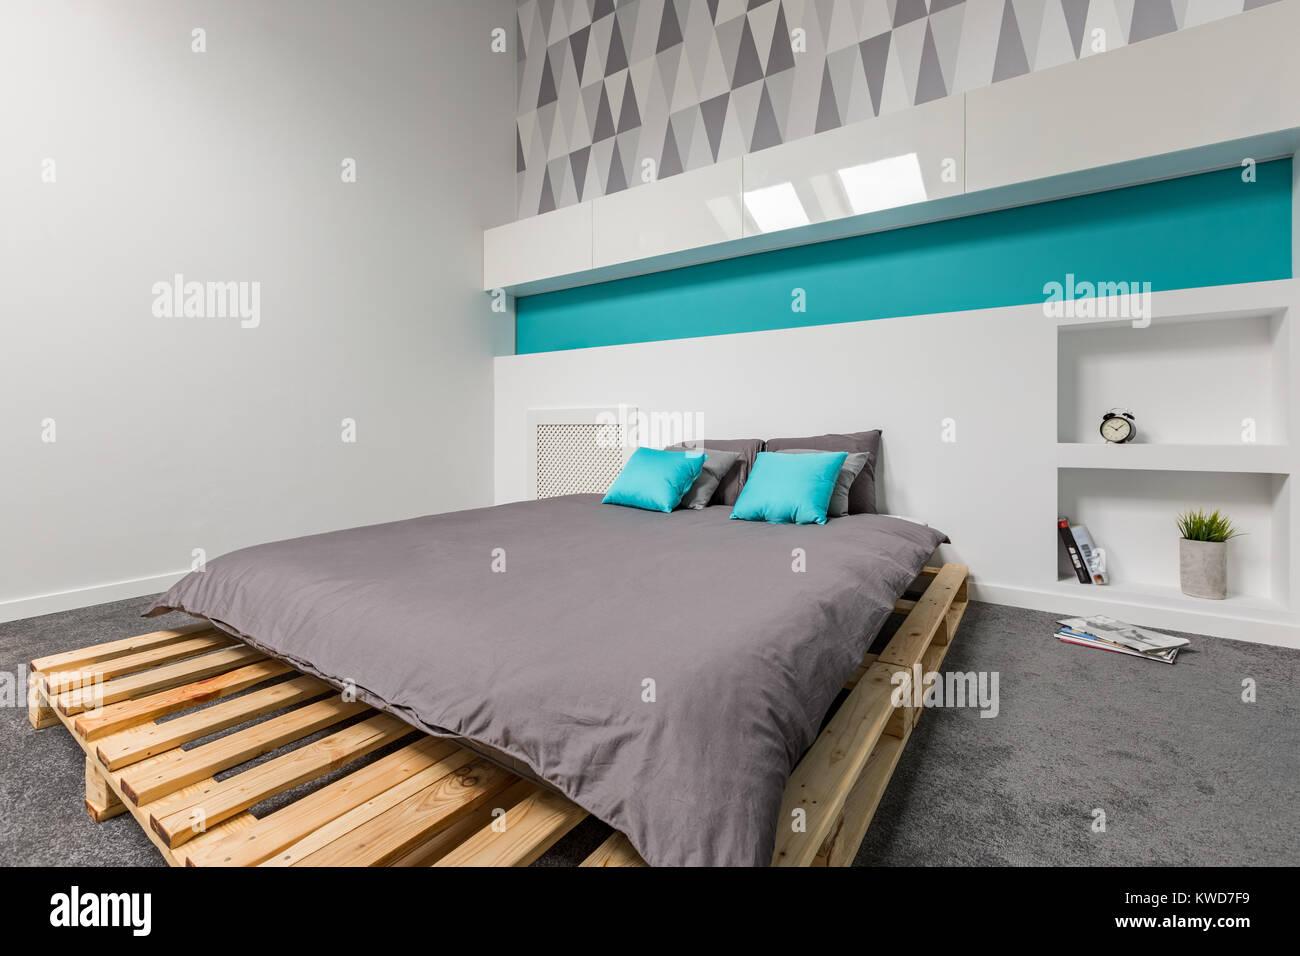 Einfache und moderne Schlafzimmer mit Bett und gemusterte ...